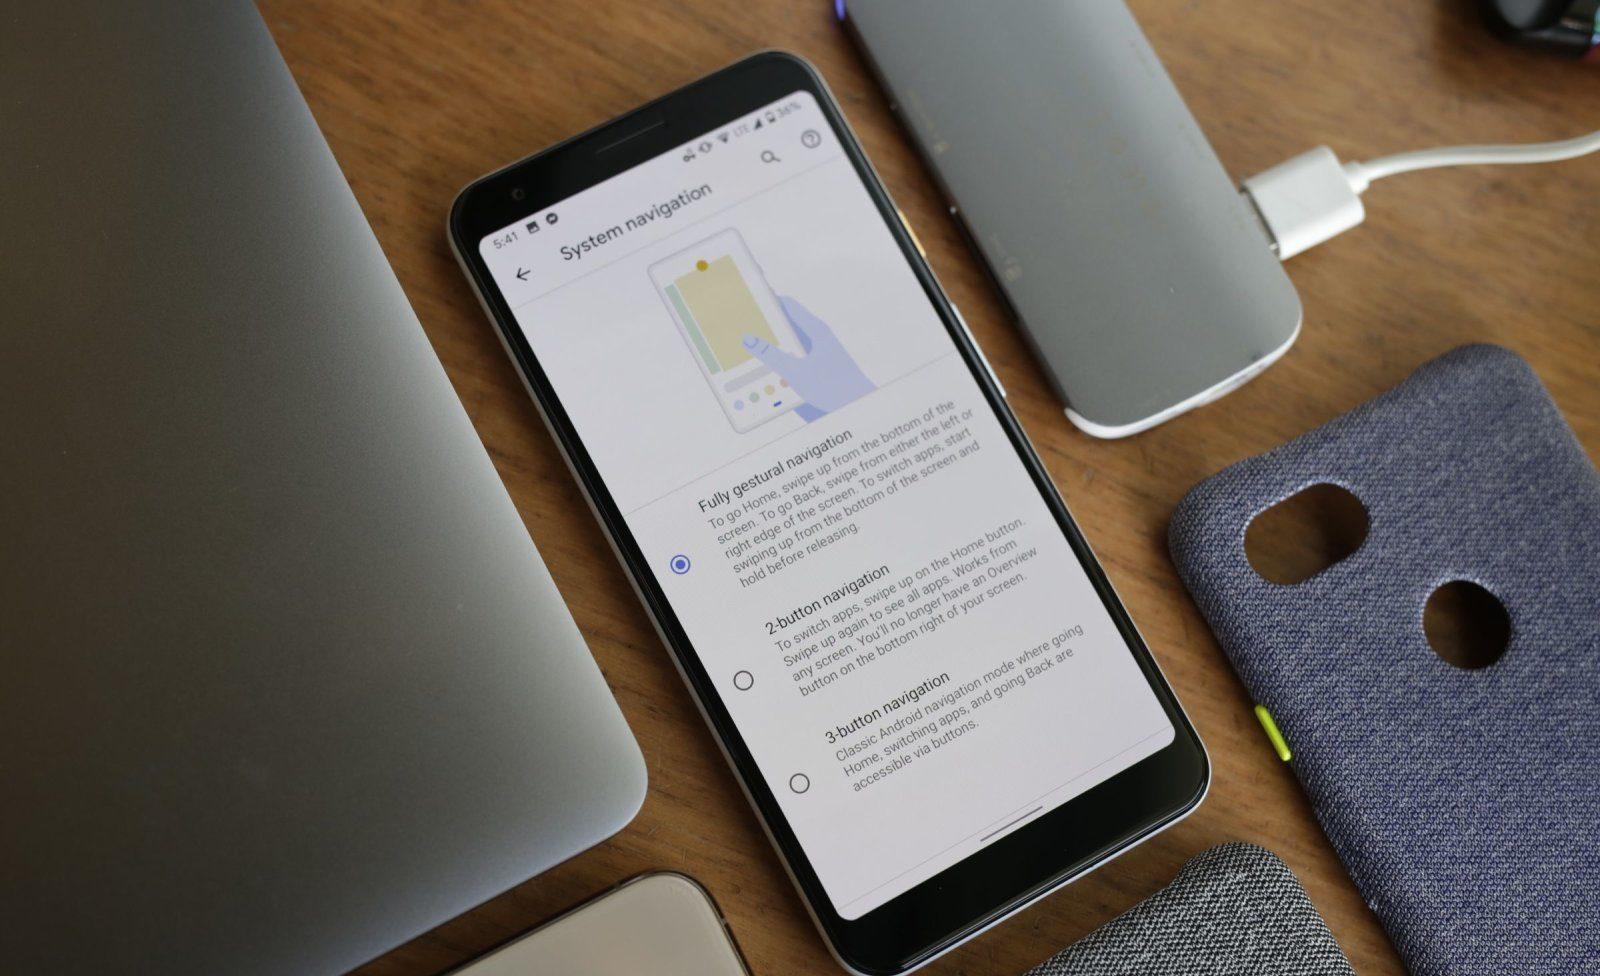 Funcționalitatea de pornire al Asistentului Google prin gesturi va fi disponibil pe Android Q